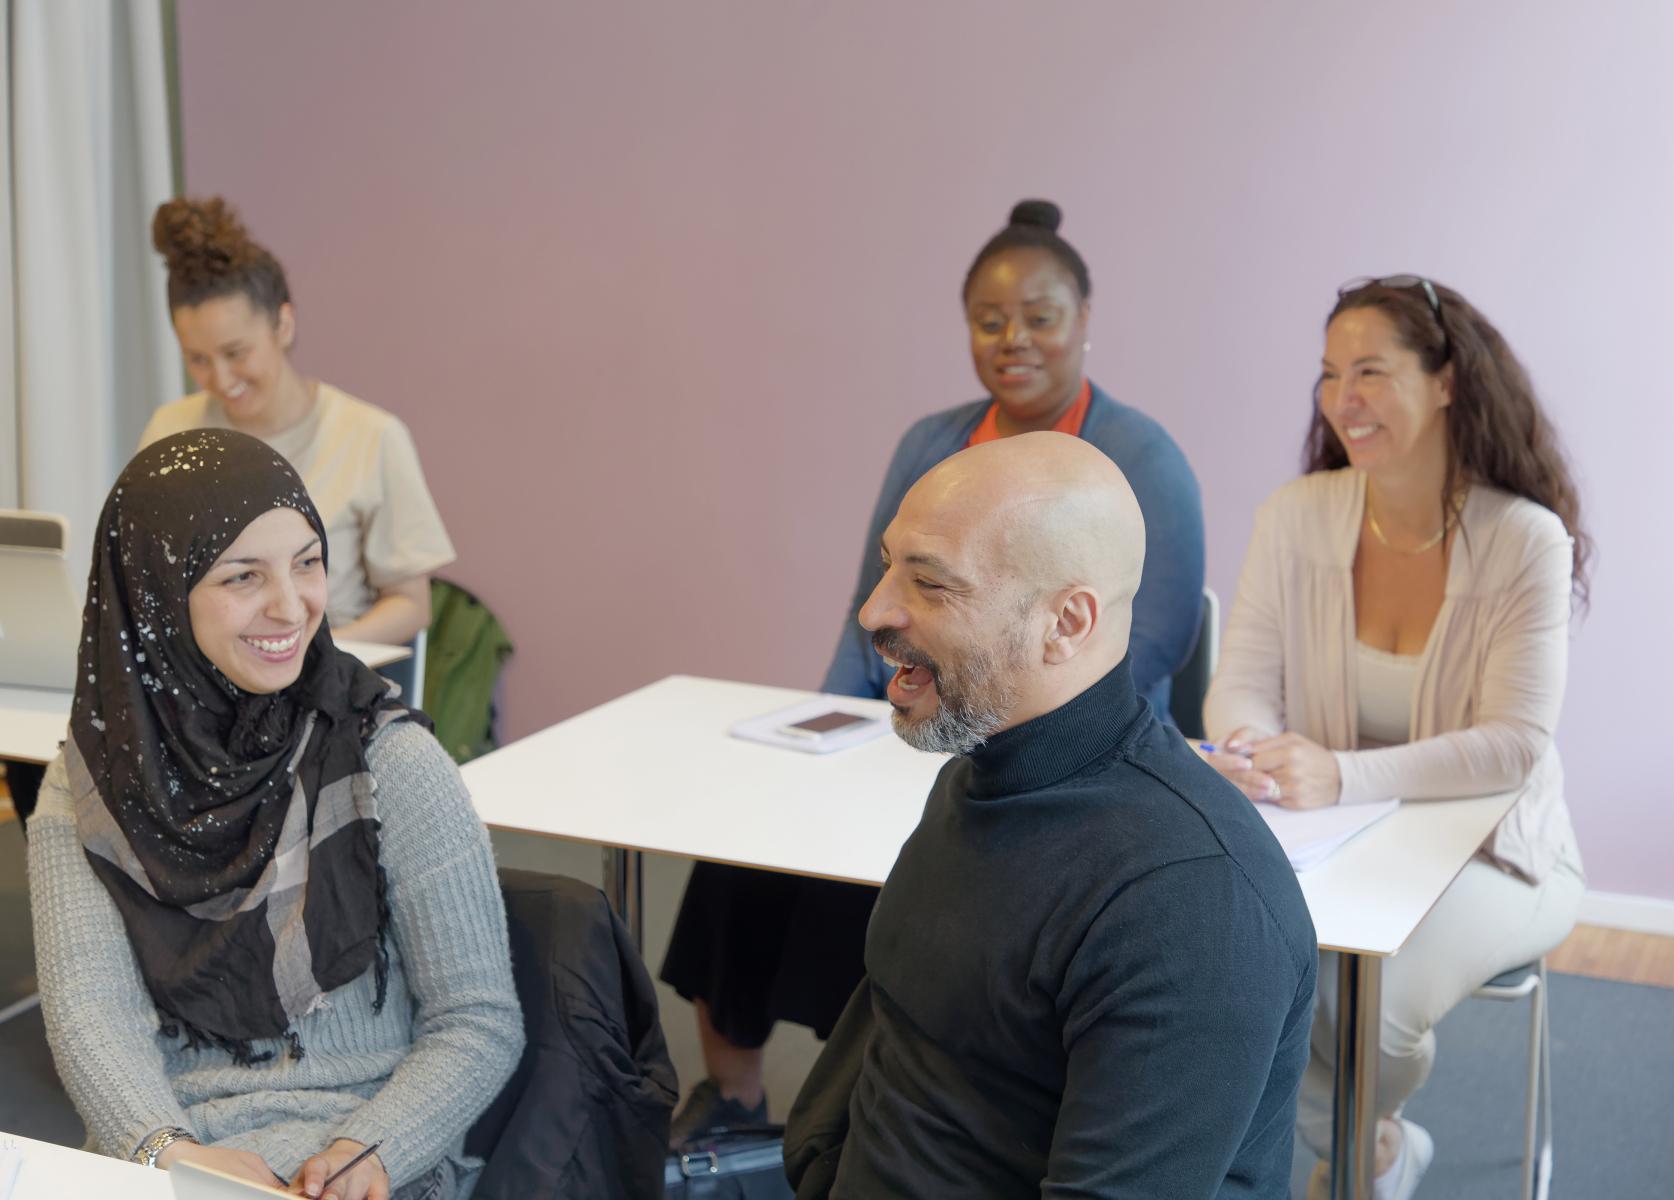 En grupp på fem vuxna studenter sitter i ett klassrum och pratar med varandra.